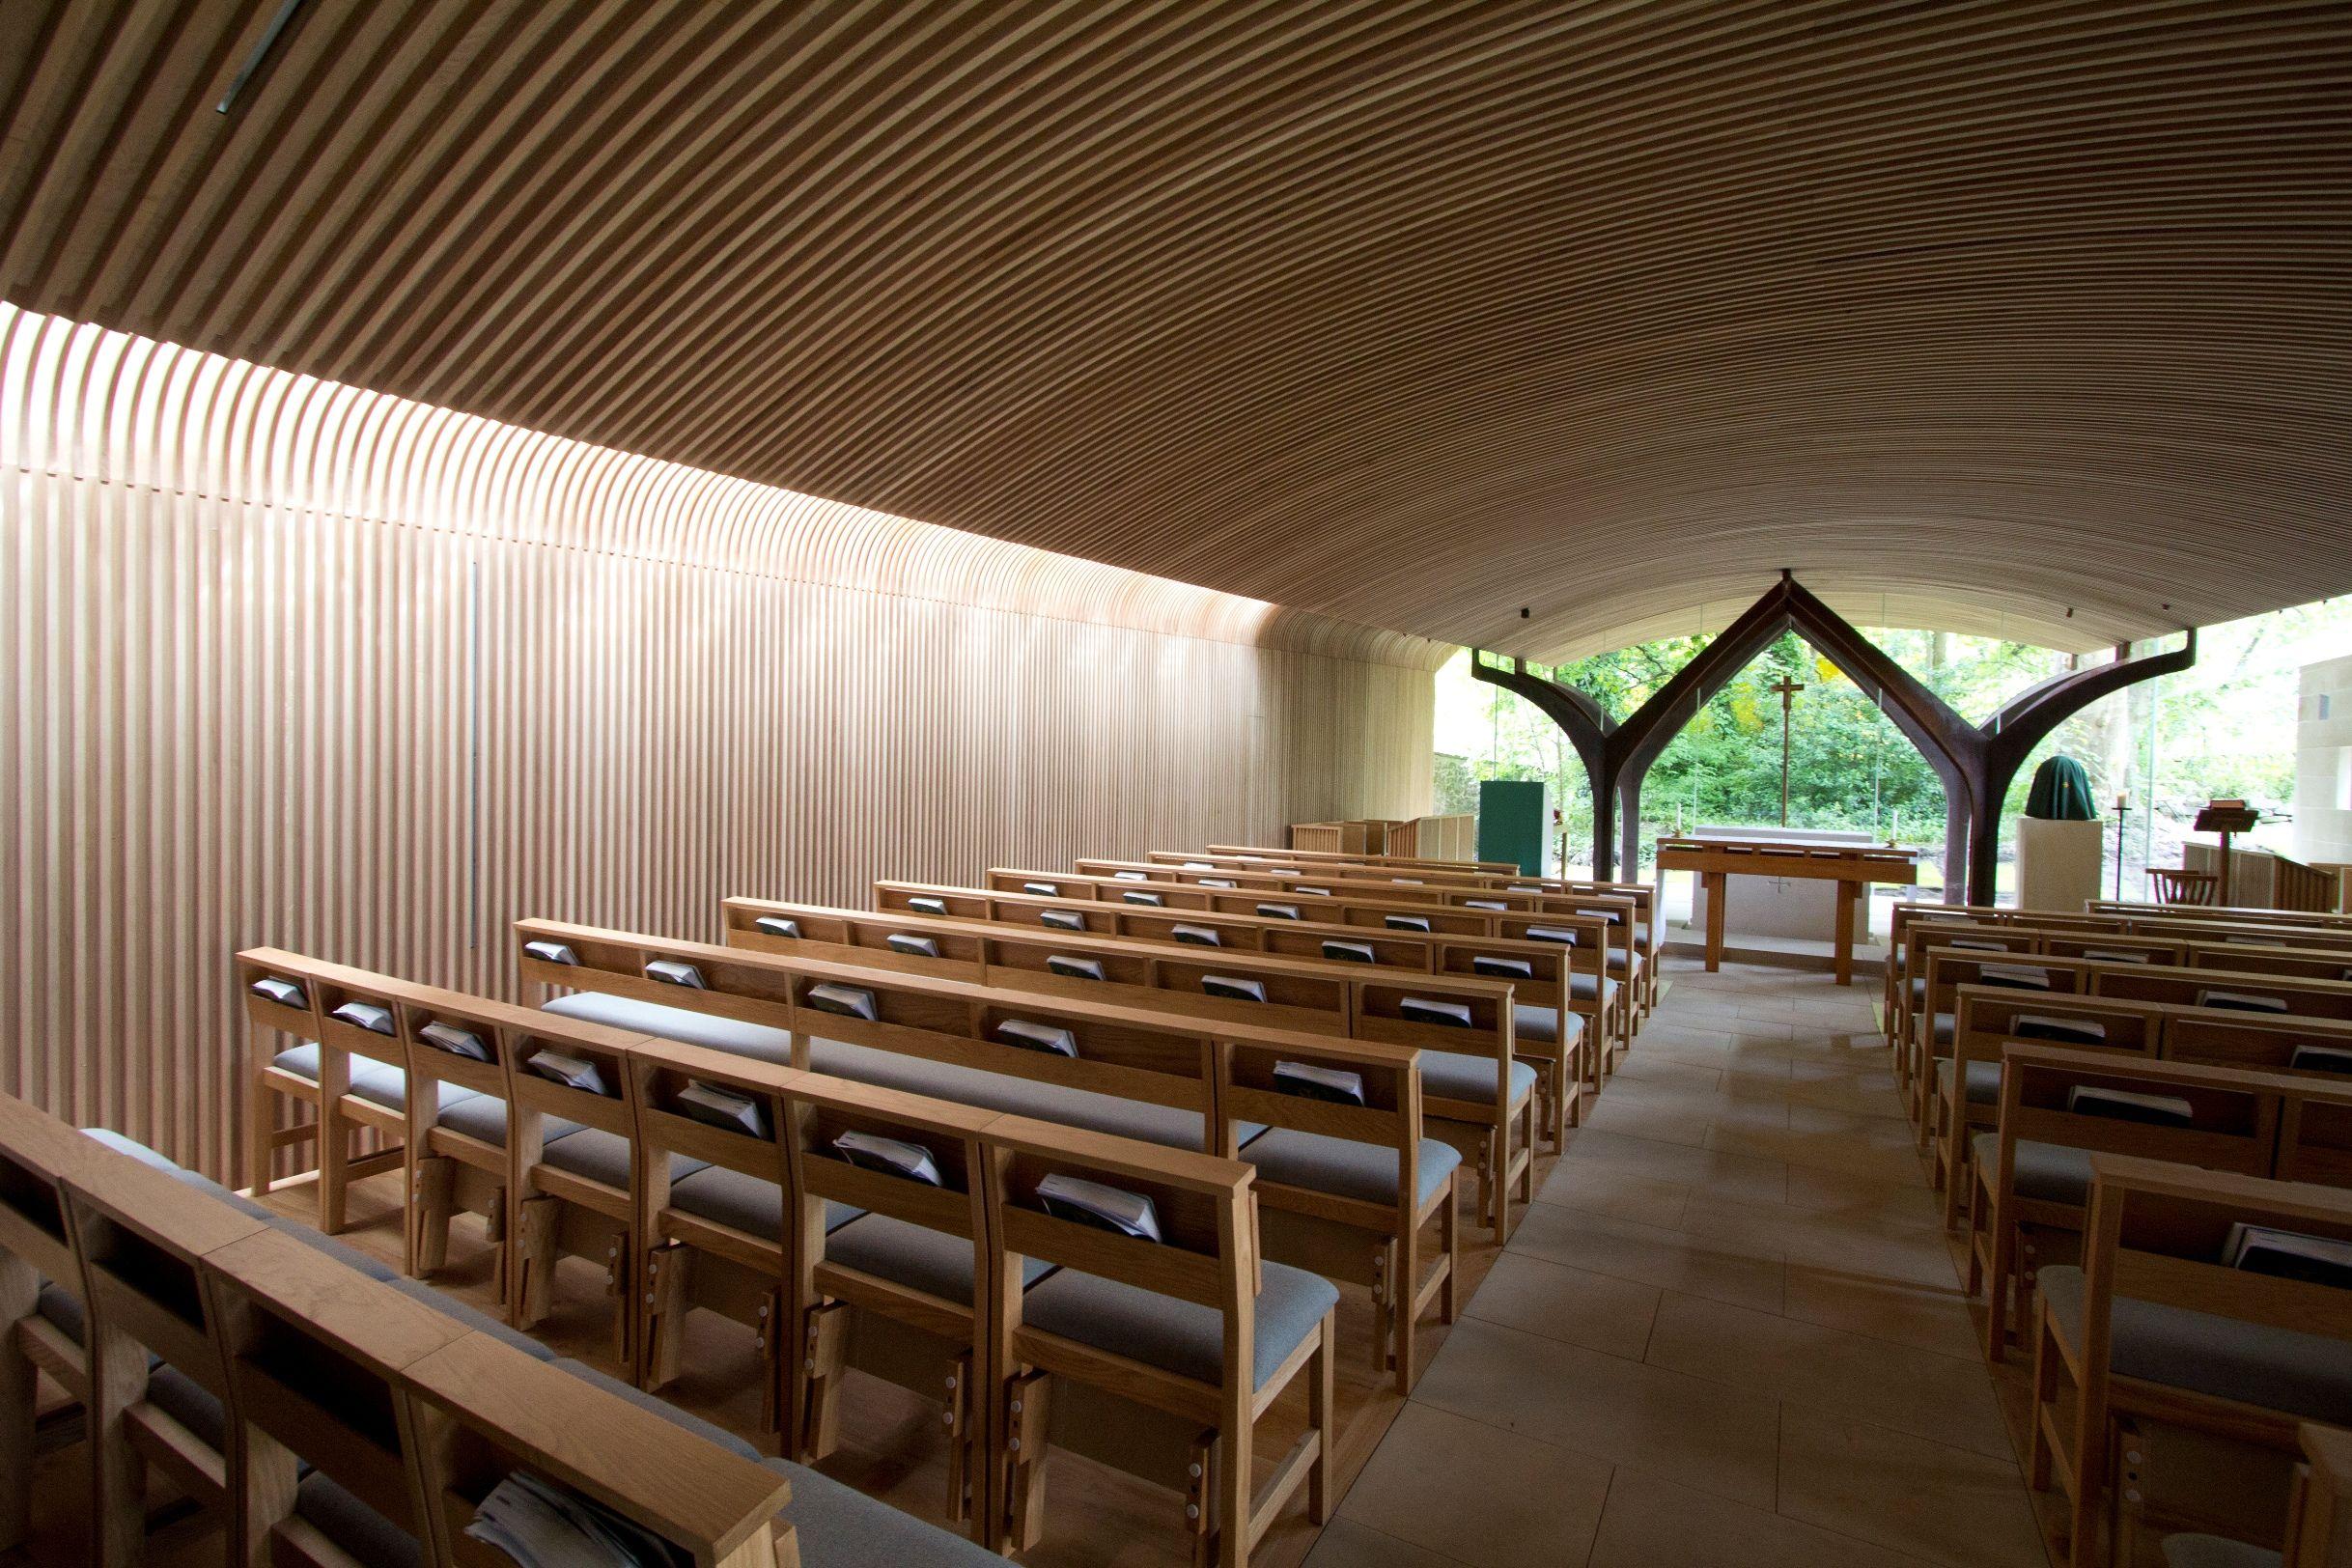 Chapel of St Albert the Great, Edinburgh EH8 9LD | Best Modern Churches Awards Shortlist